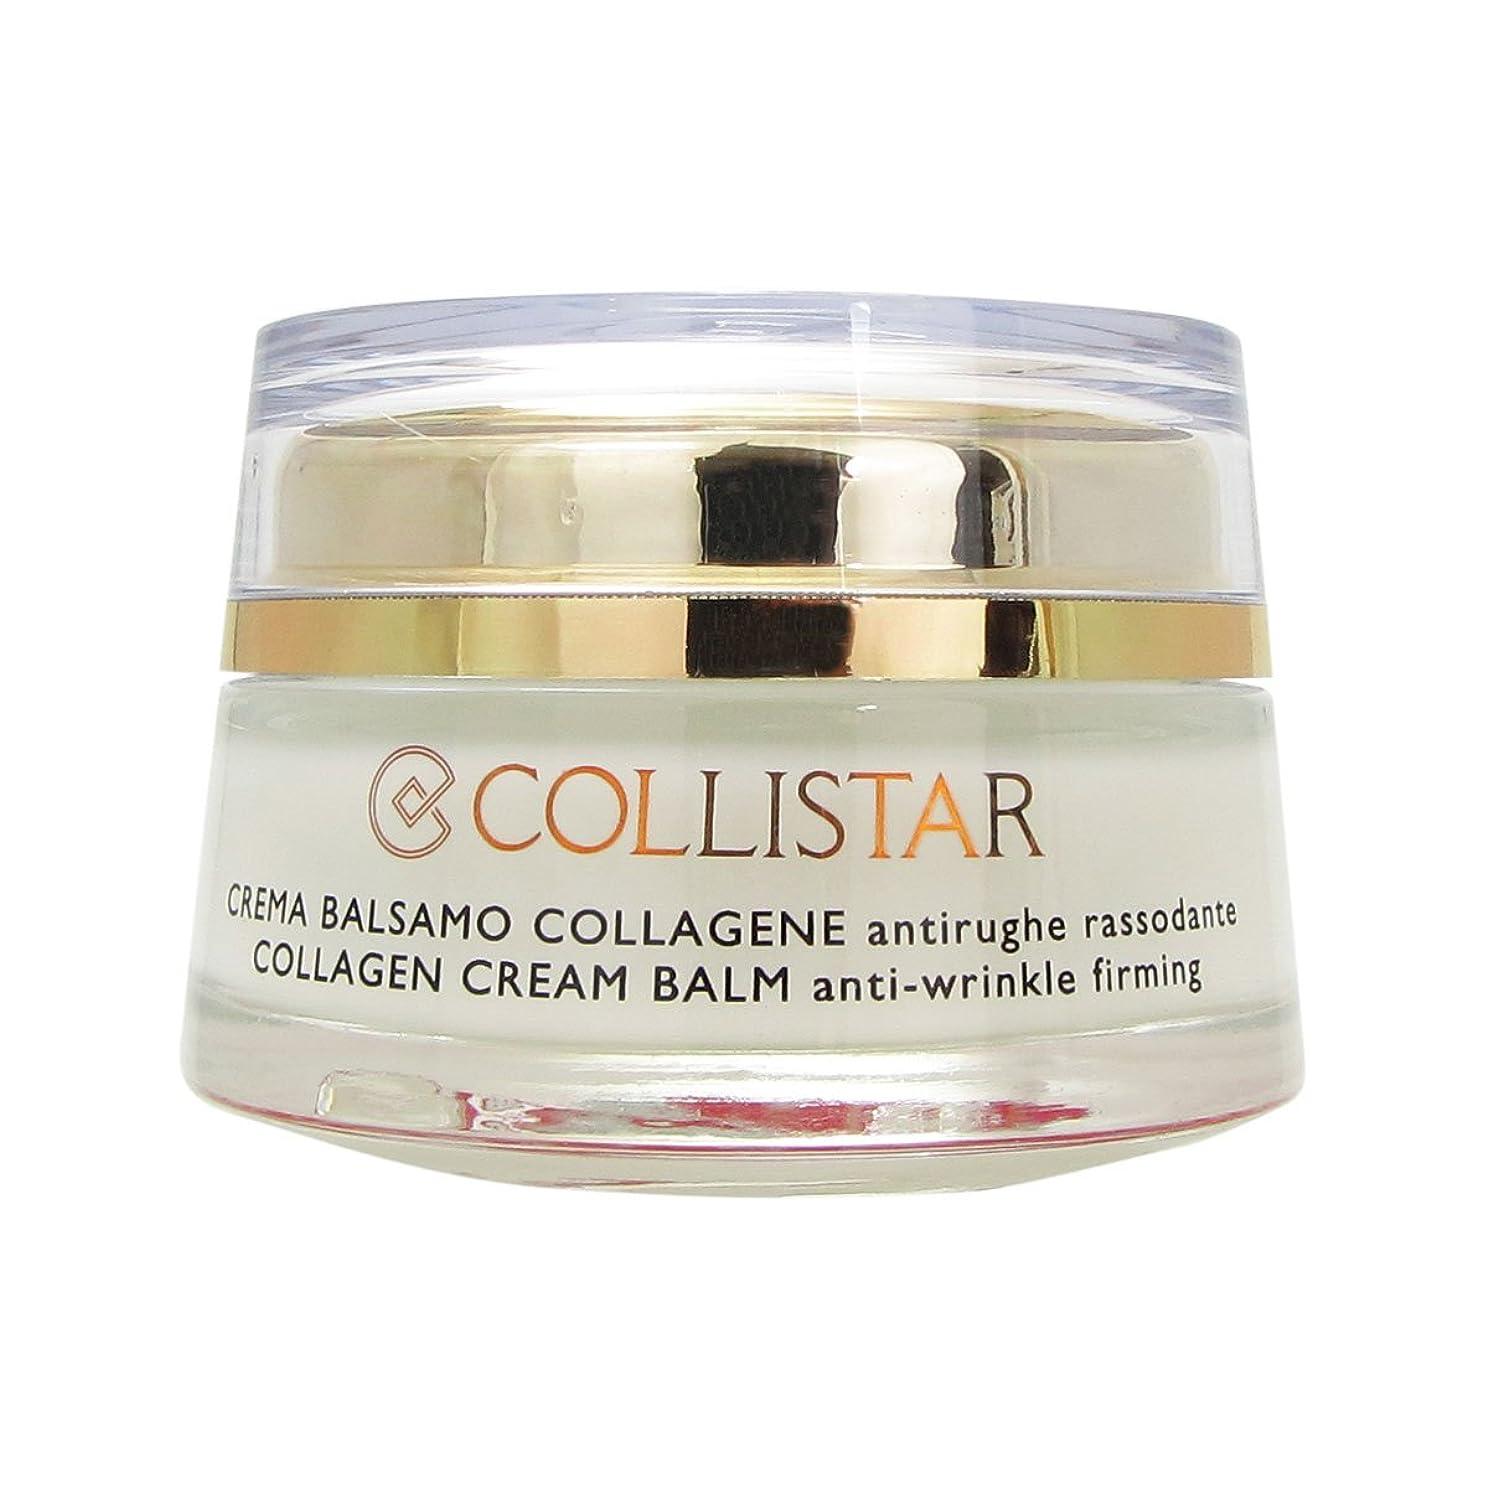 広げるスキャンダル推論Collistar Pure Actives Collagen Cream Balm Anti-wrinkle Firming 50ml [並行輸入品]